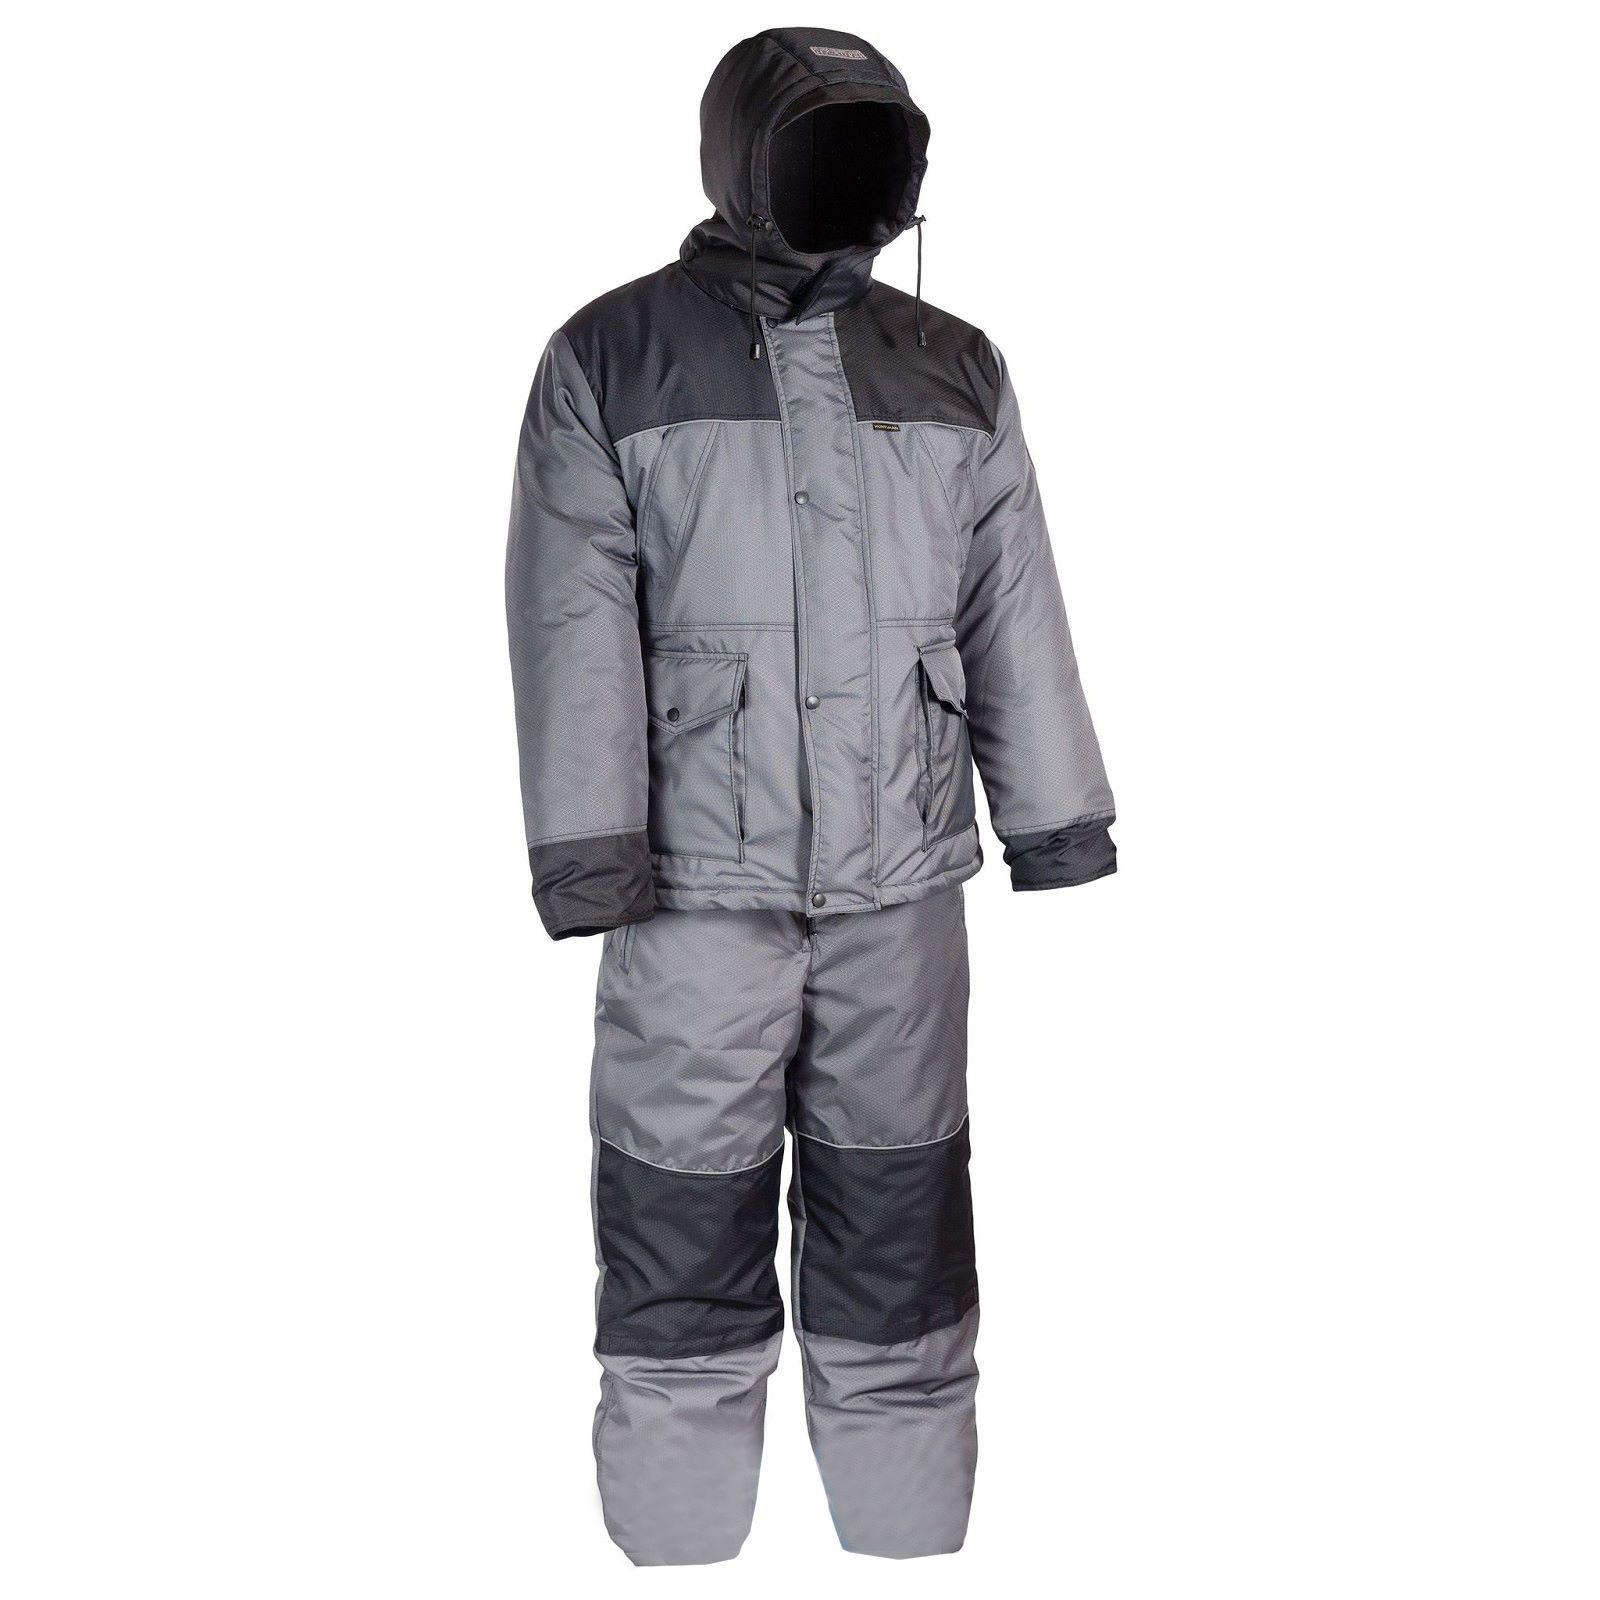 Костюм для рыбалки Huntsman Полюс, серый/черный, 48-50 RU, 172-180 см фото